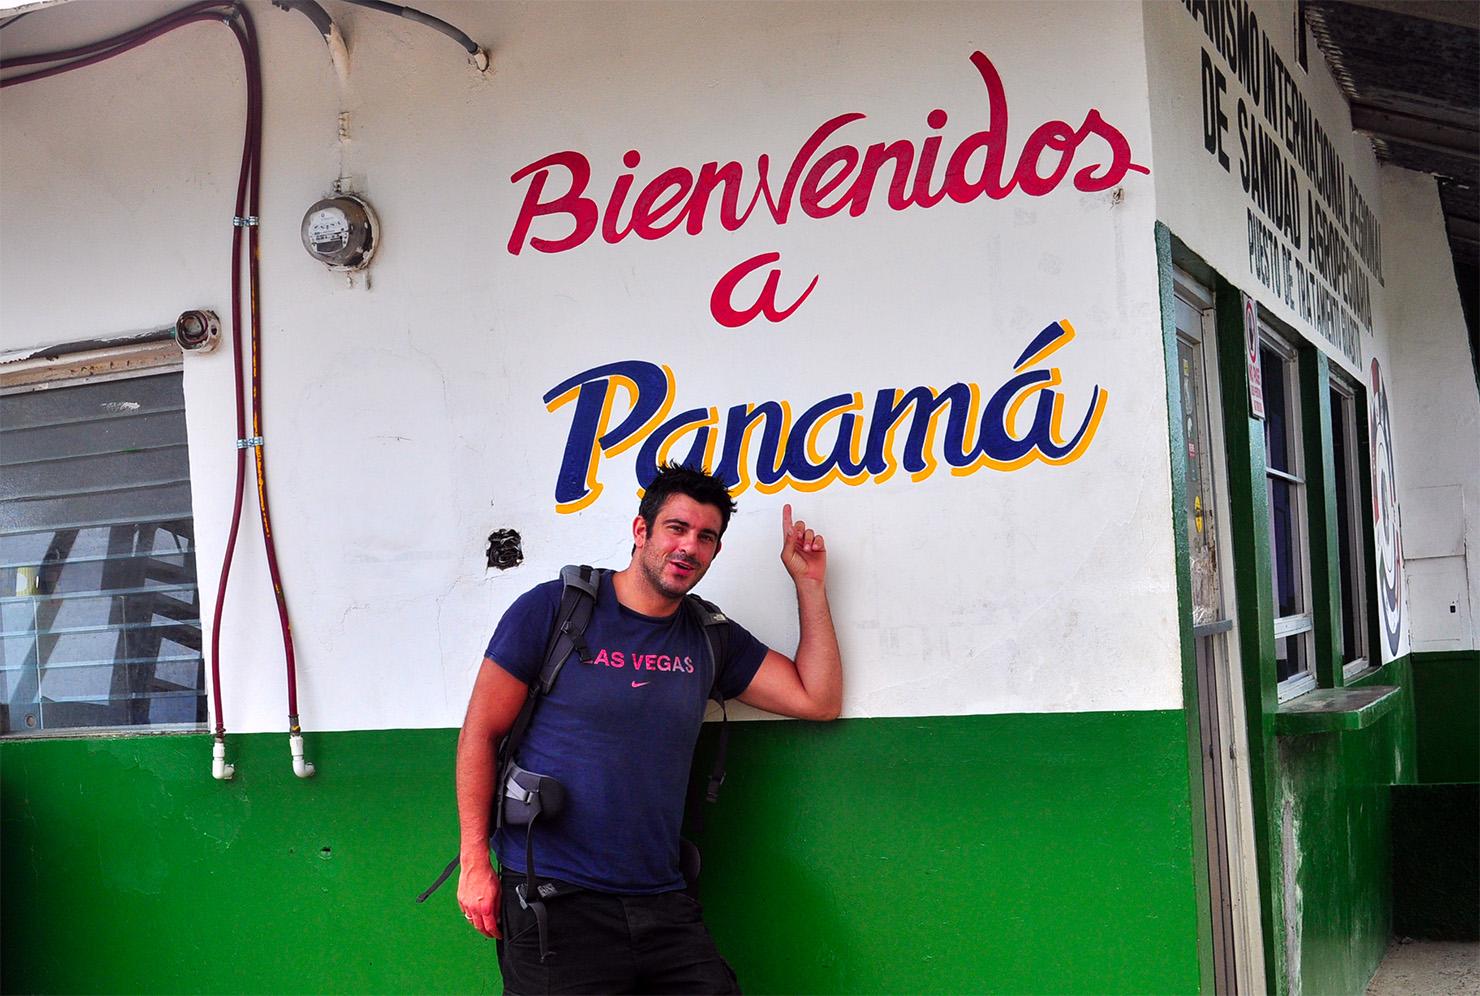 Viajar a Costa Rica / Ruta por Costa Rica en 3 semanas ruta por costa rica - 38217187322 b90b5df02d o - Ruta por Costa Rica en 3 semanas